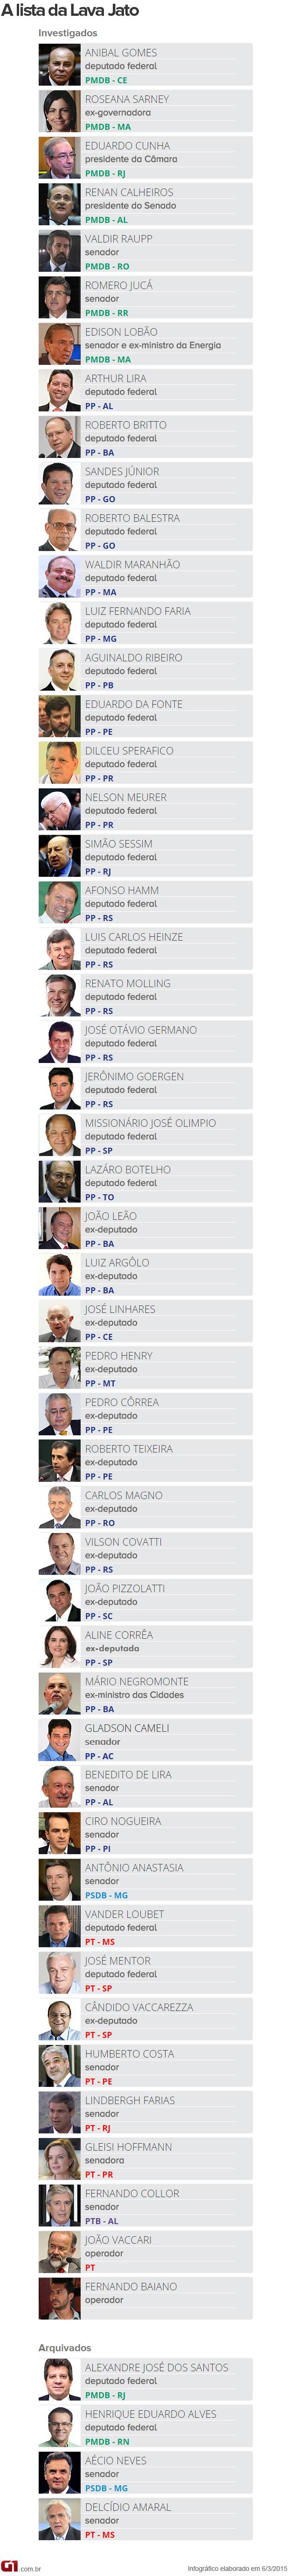 vale este 3 - arte lava jato - lista de políticos janot  (Foto: Arte / G1)